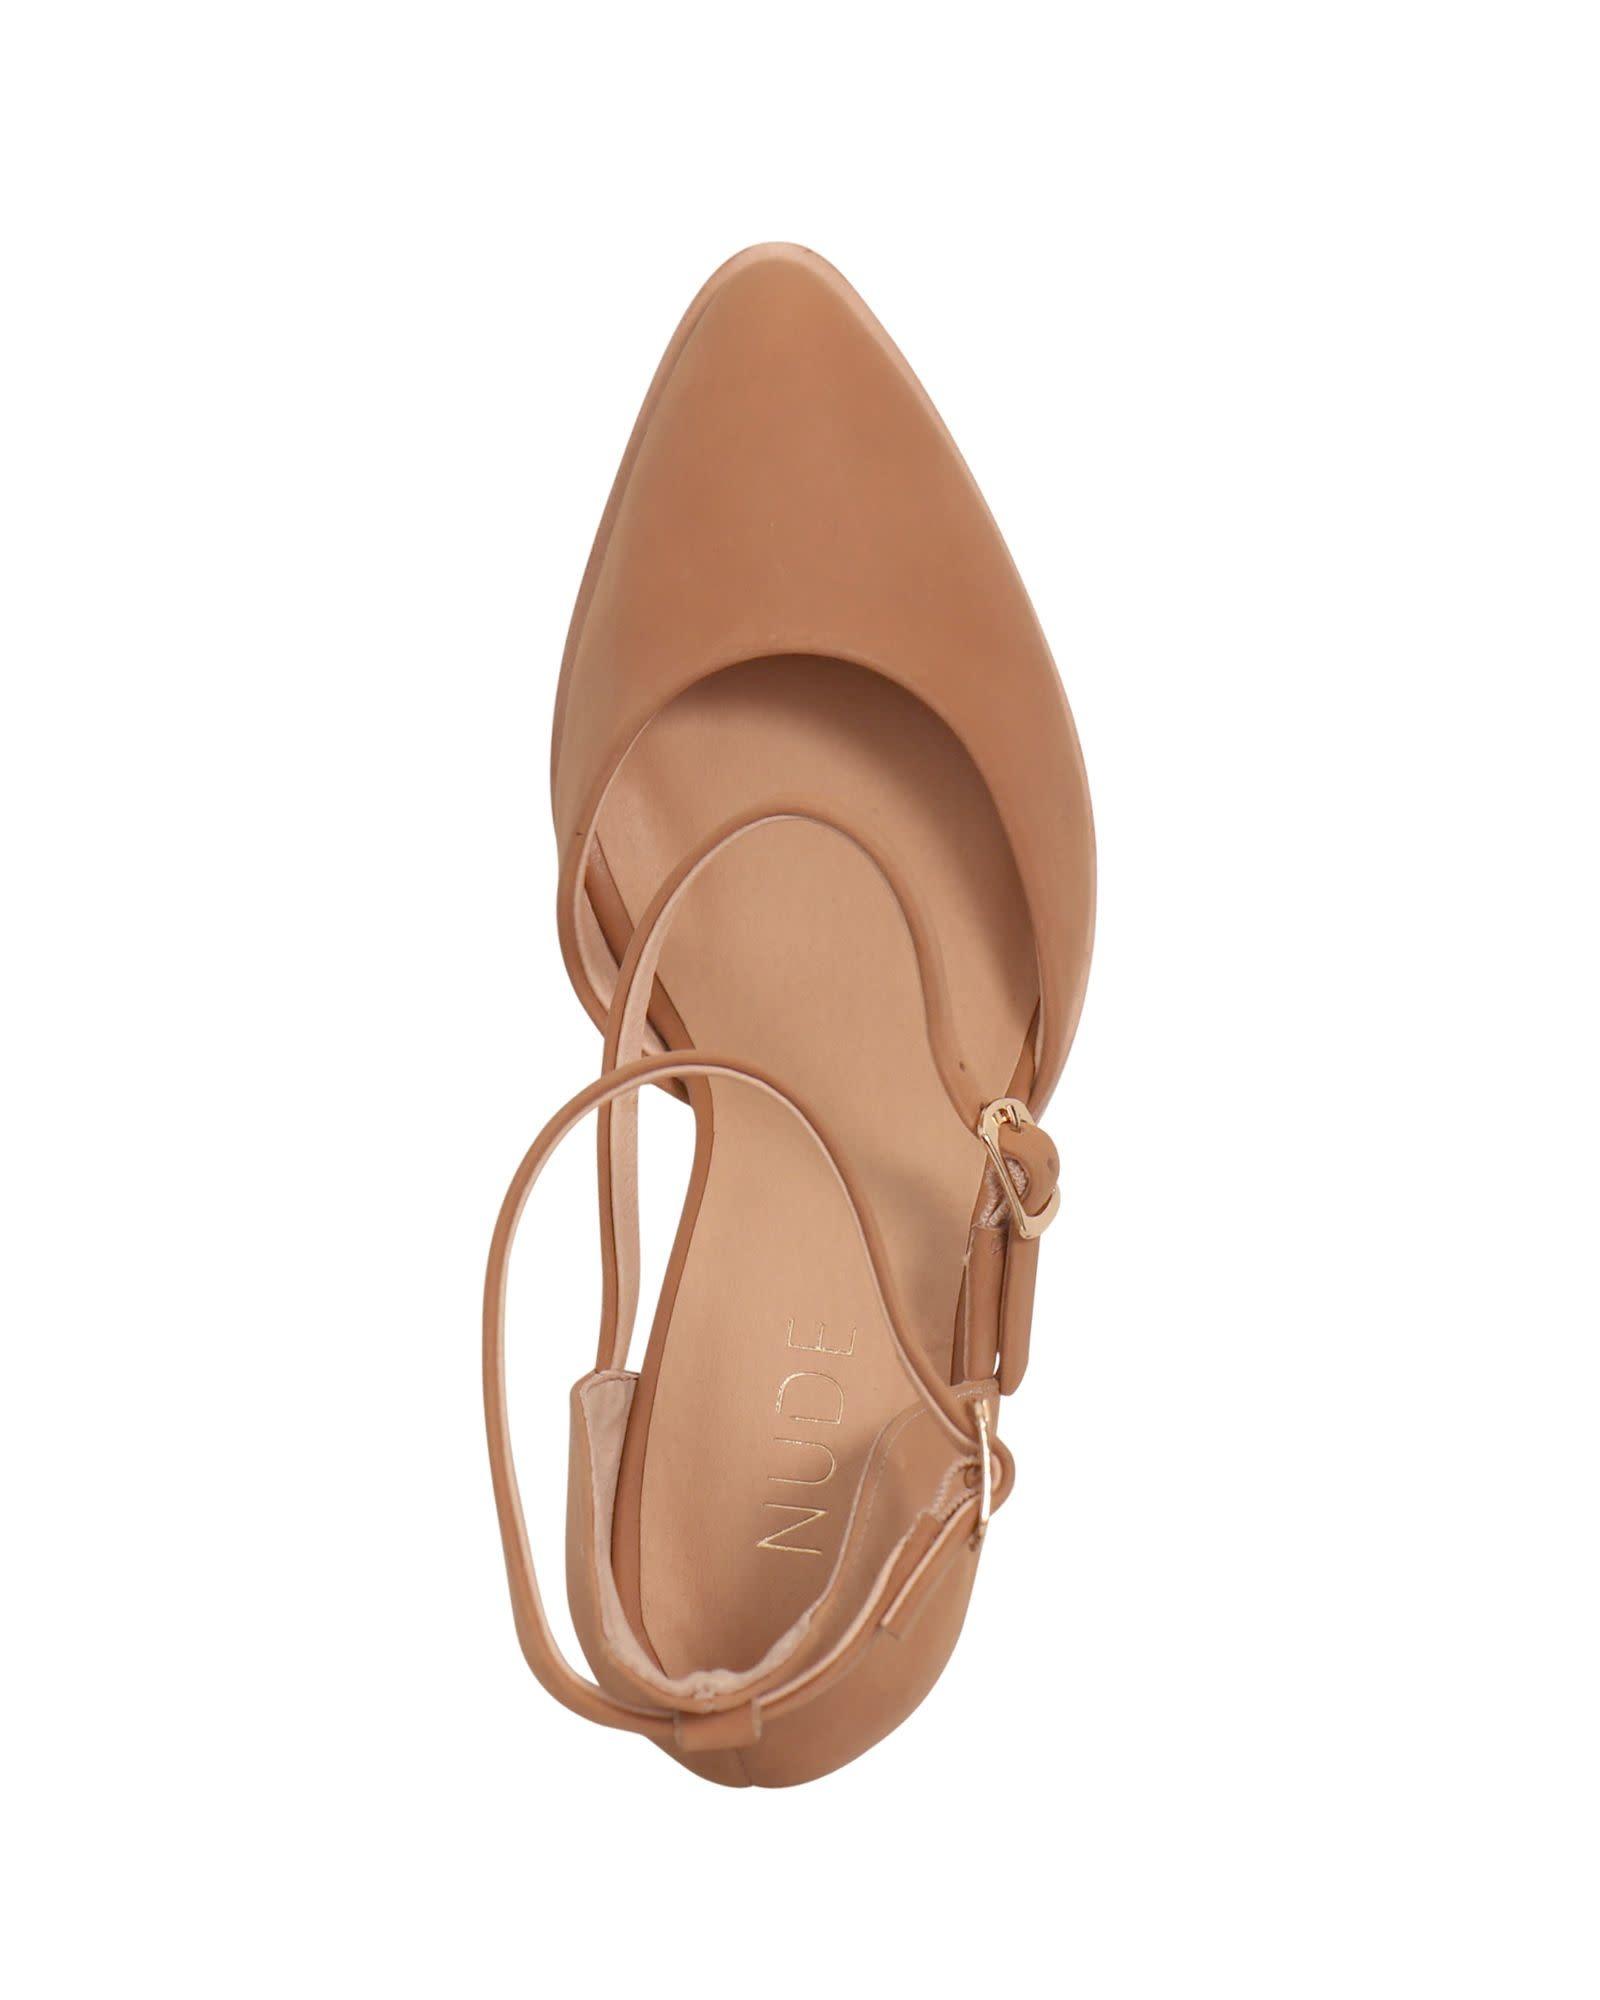 Nude Shoes Fleur Heel